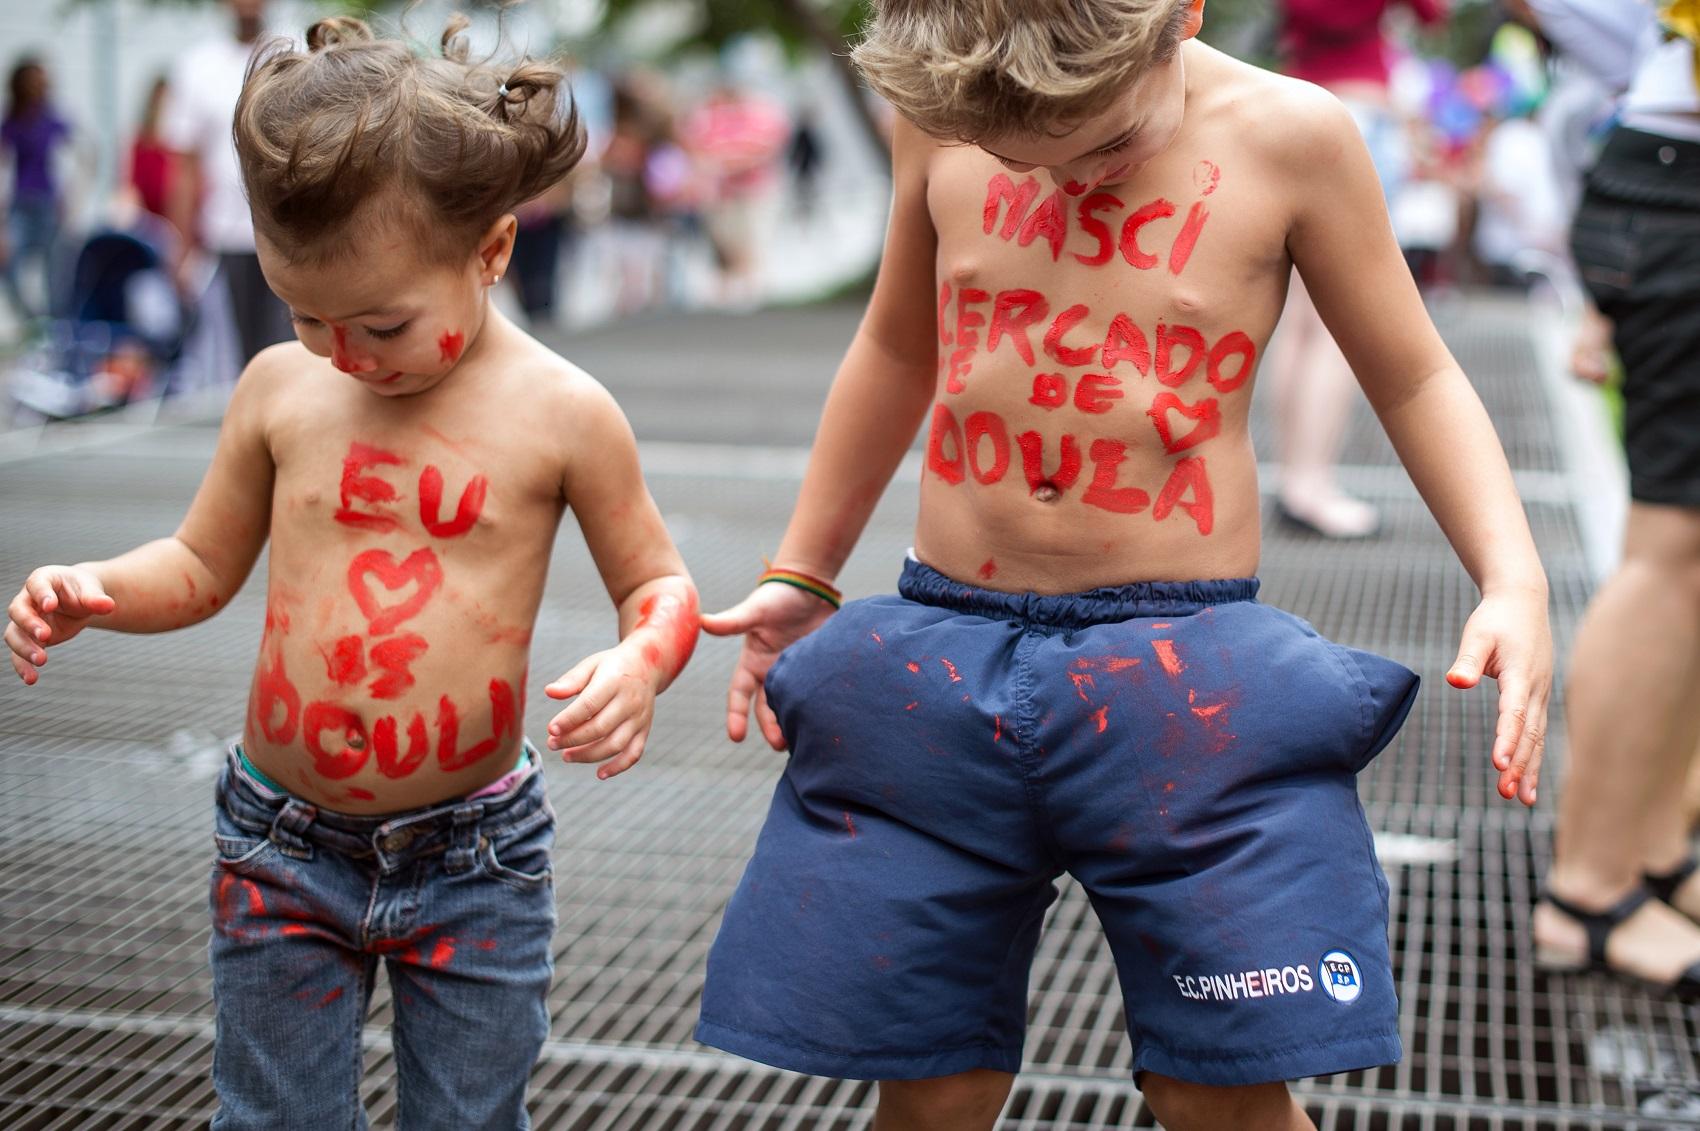 Crianças brincam durante protesto pela Humanização do Parto, na Avenida Paulista, em São Paulo (Foto: YASUYOSHI CHIBA / AFP)